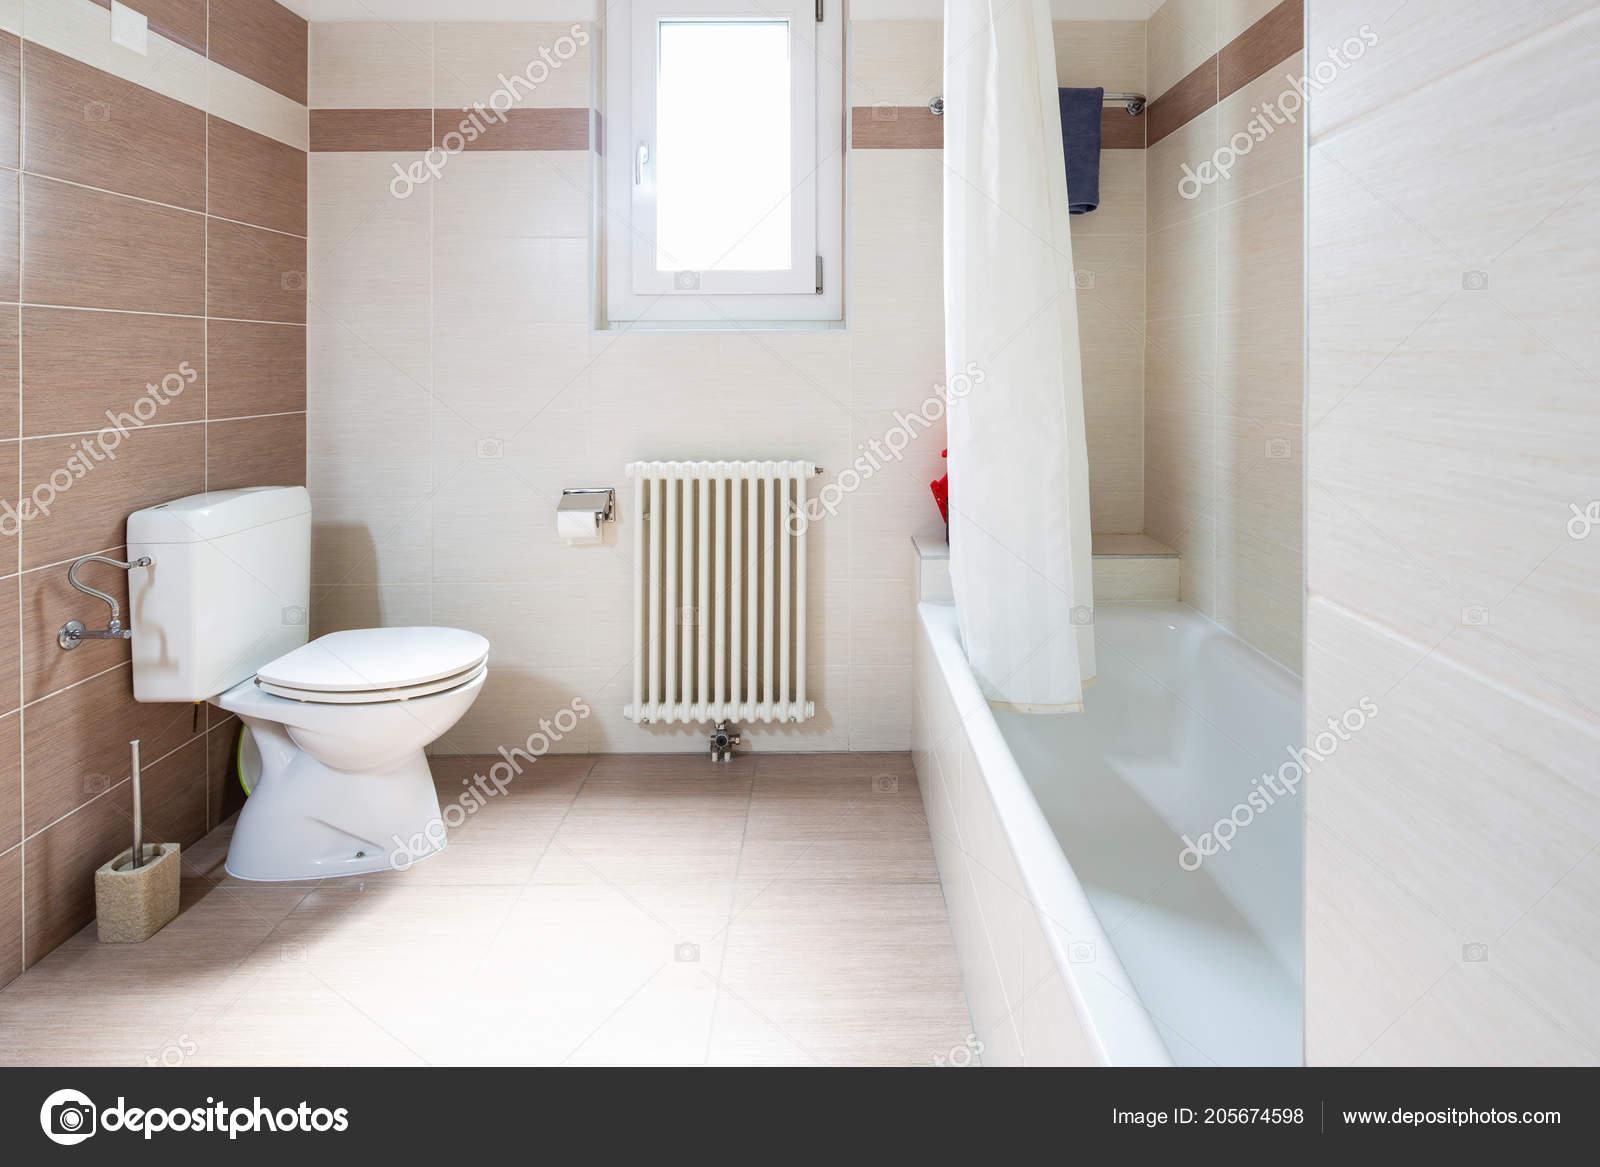 Badkamer Lichte Tegels : Ruime lichte badkamer met tegels niemand binnen u stockfoto